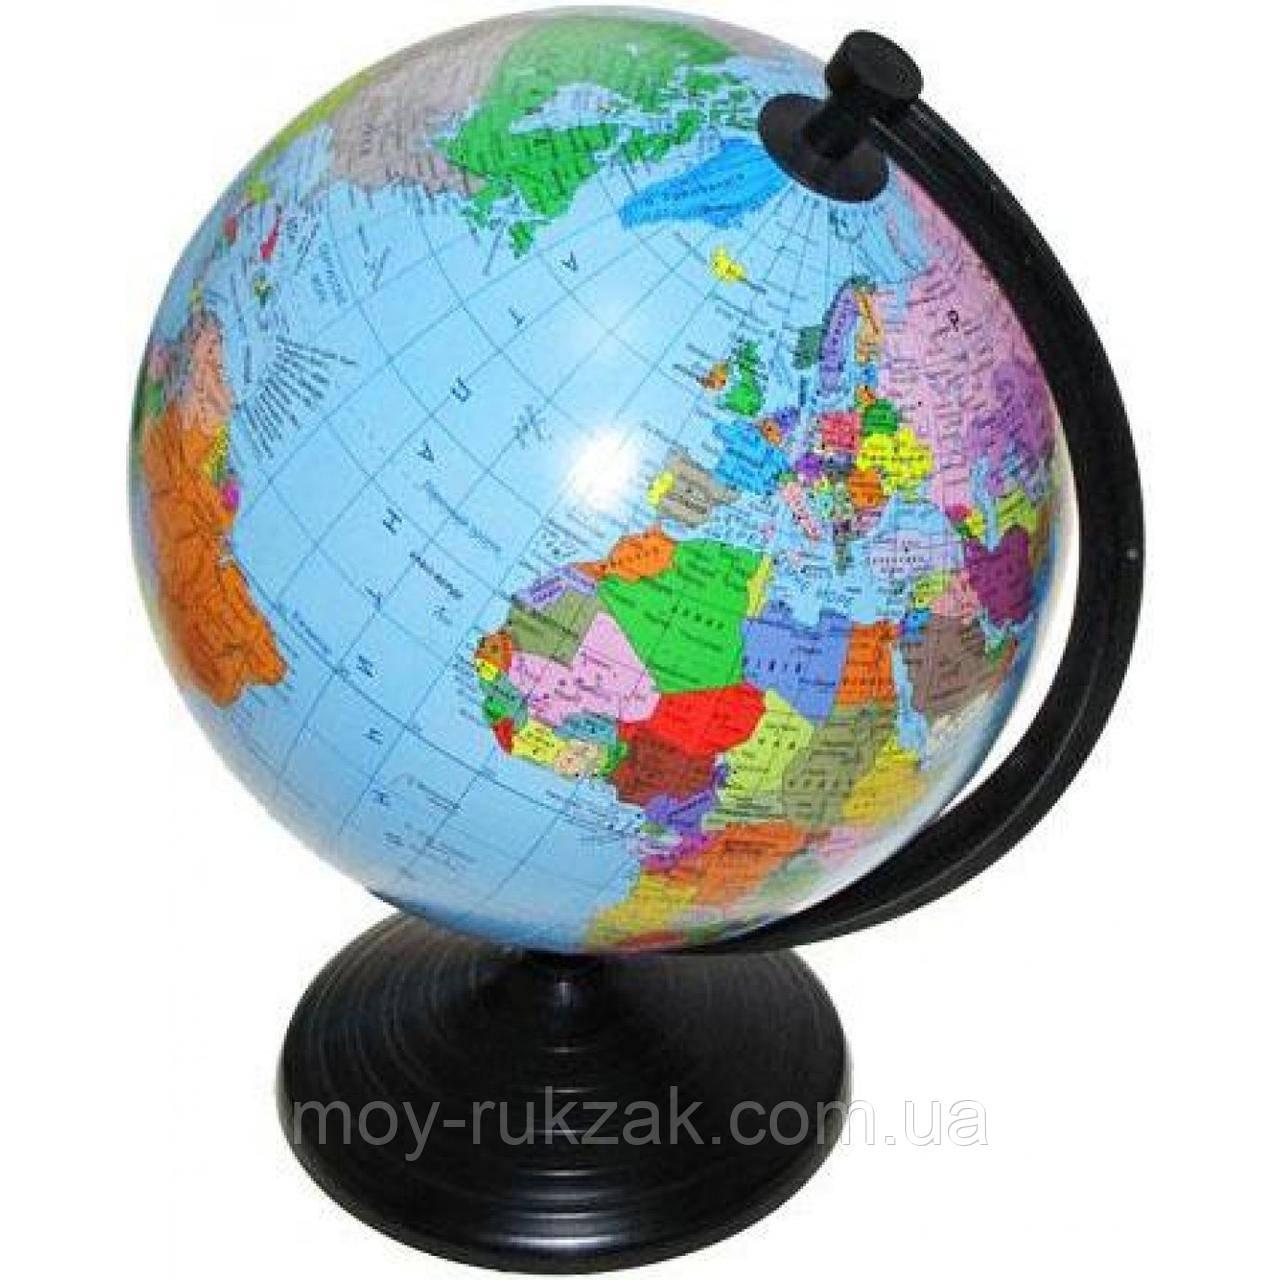 Глобус мира политический, диаметр 260мм